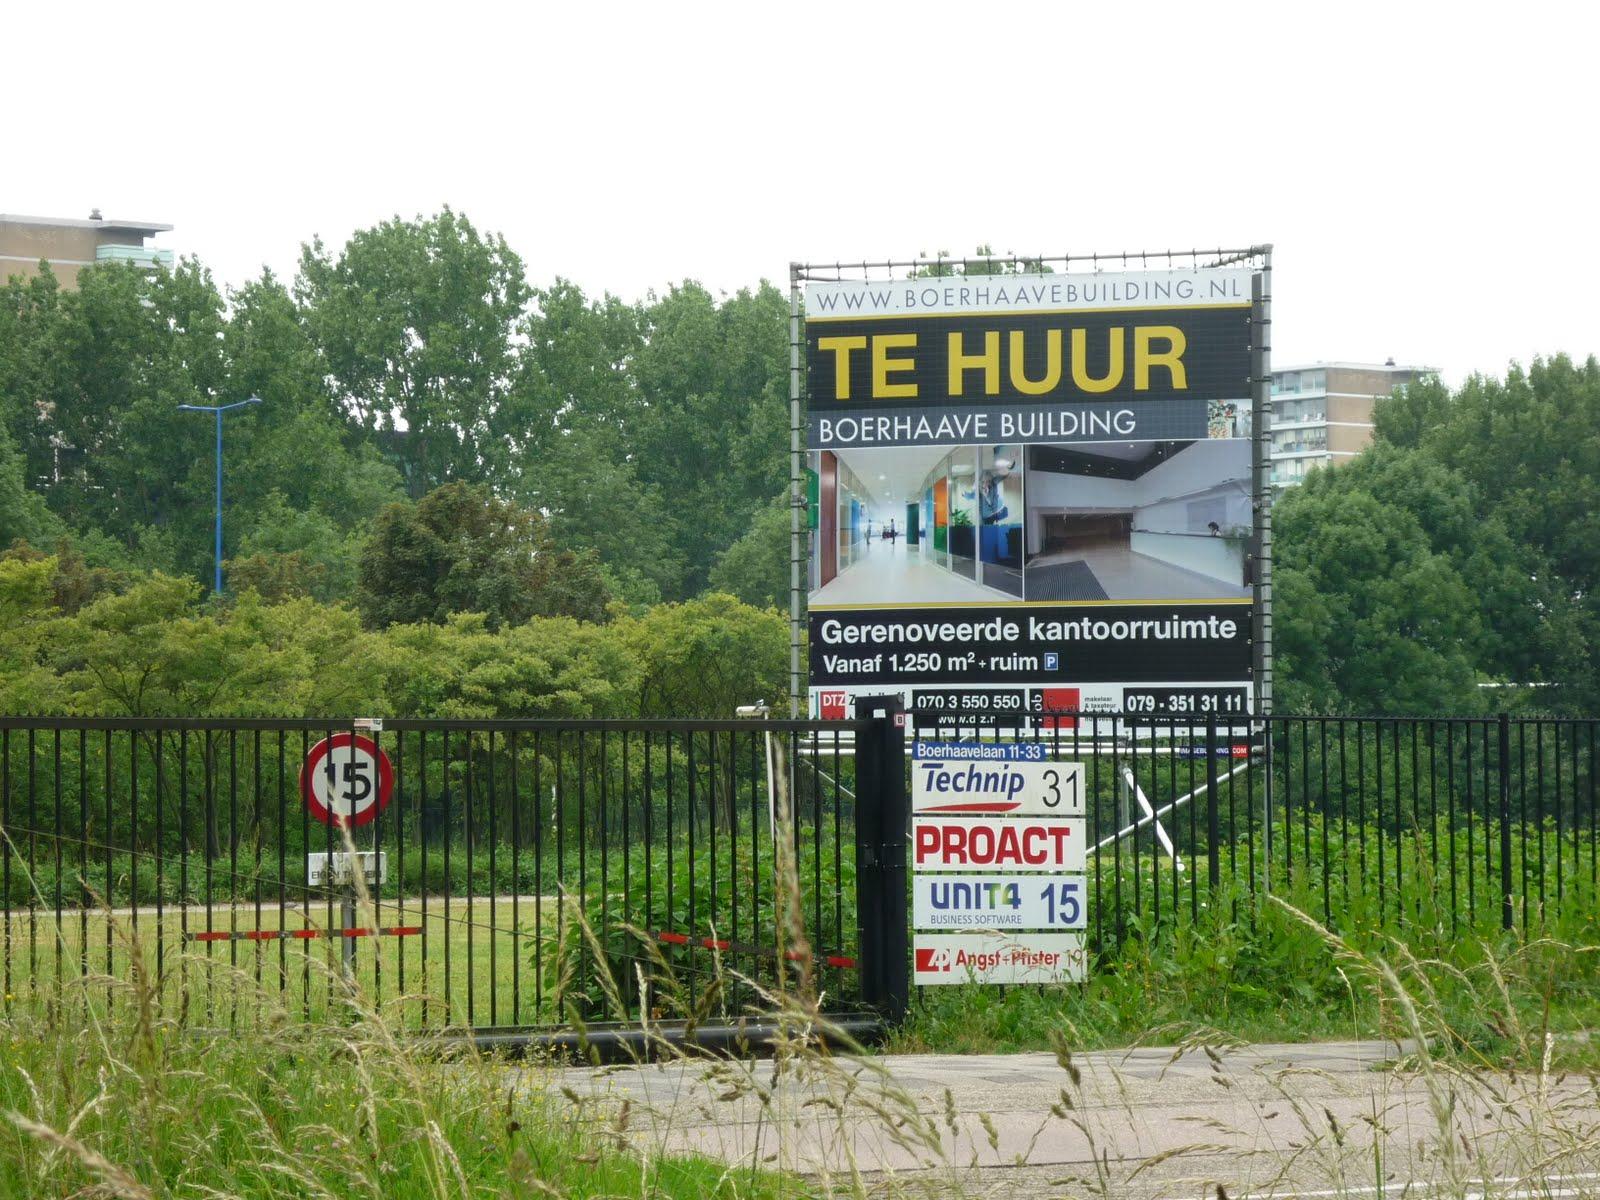 hopman gebouw zoetermeer